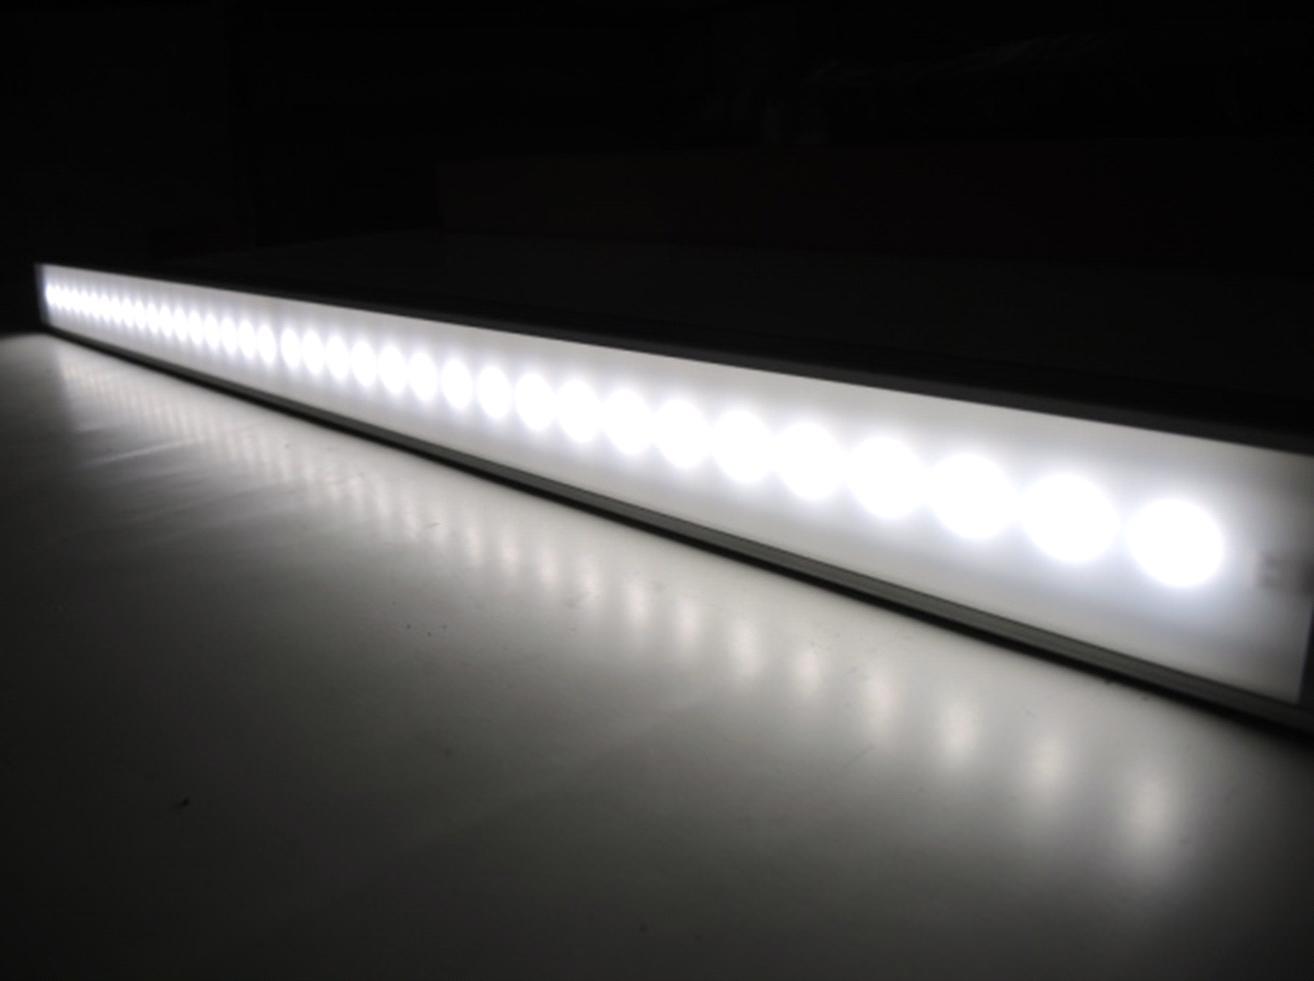 Торговый светодиодный светильник - Спектр Торг 12